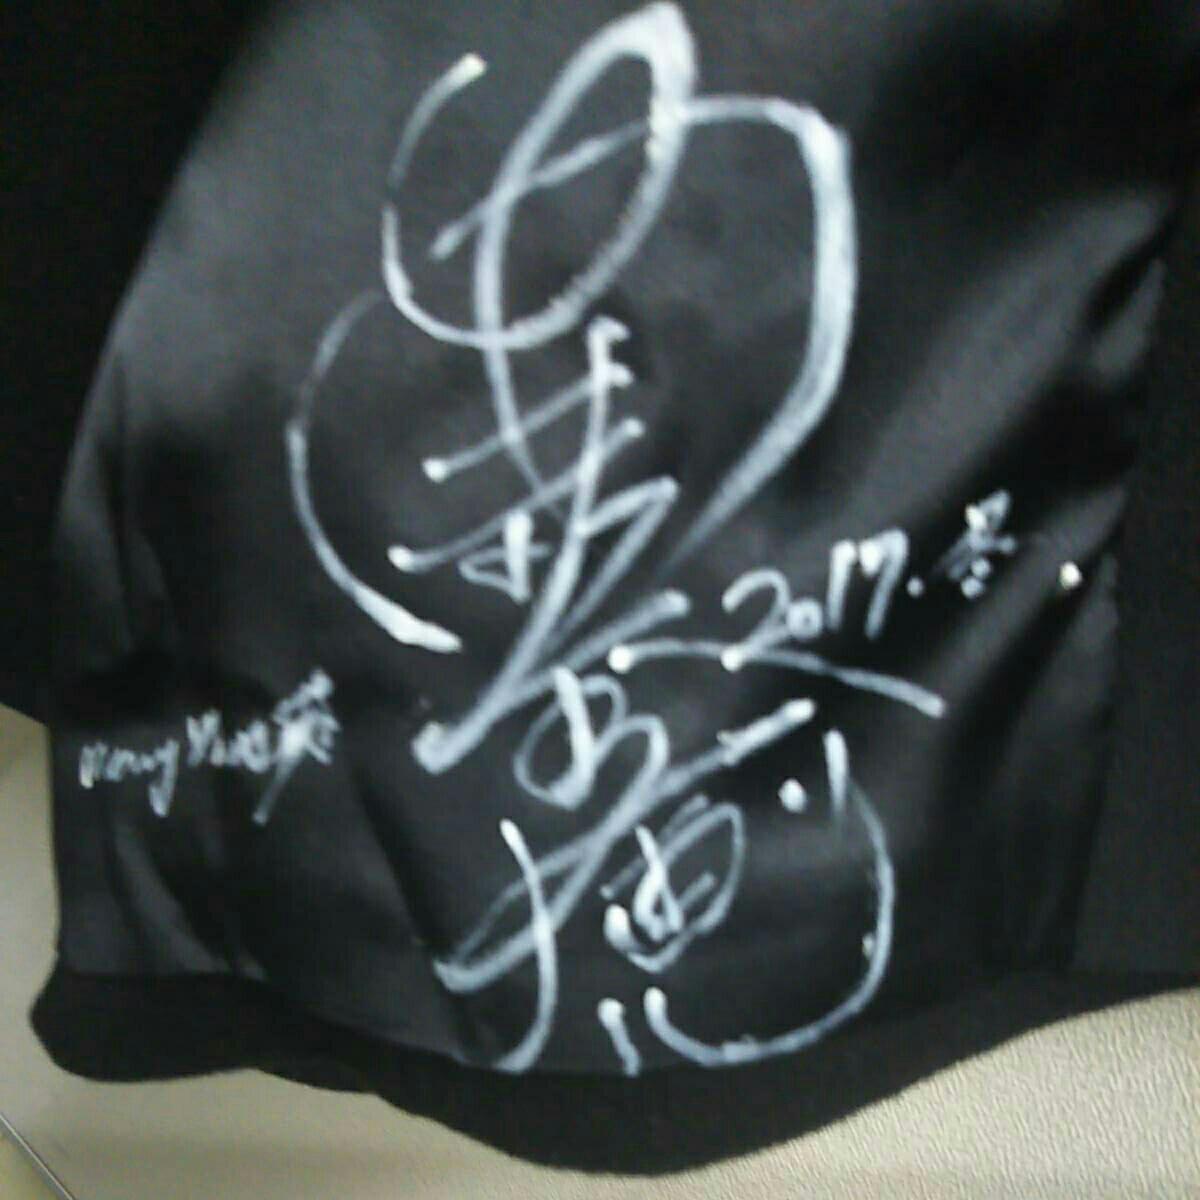 安室奈美恵さん直筆サイン入り、オーダーメイドのロングコートです。